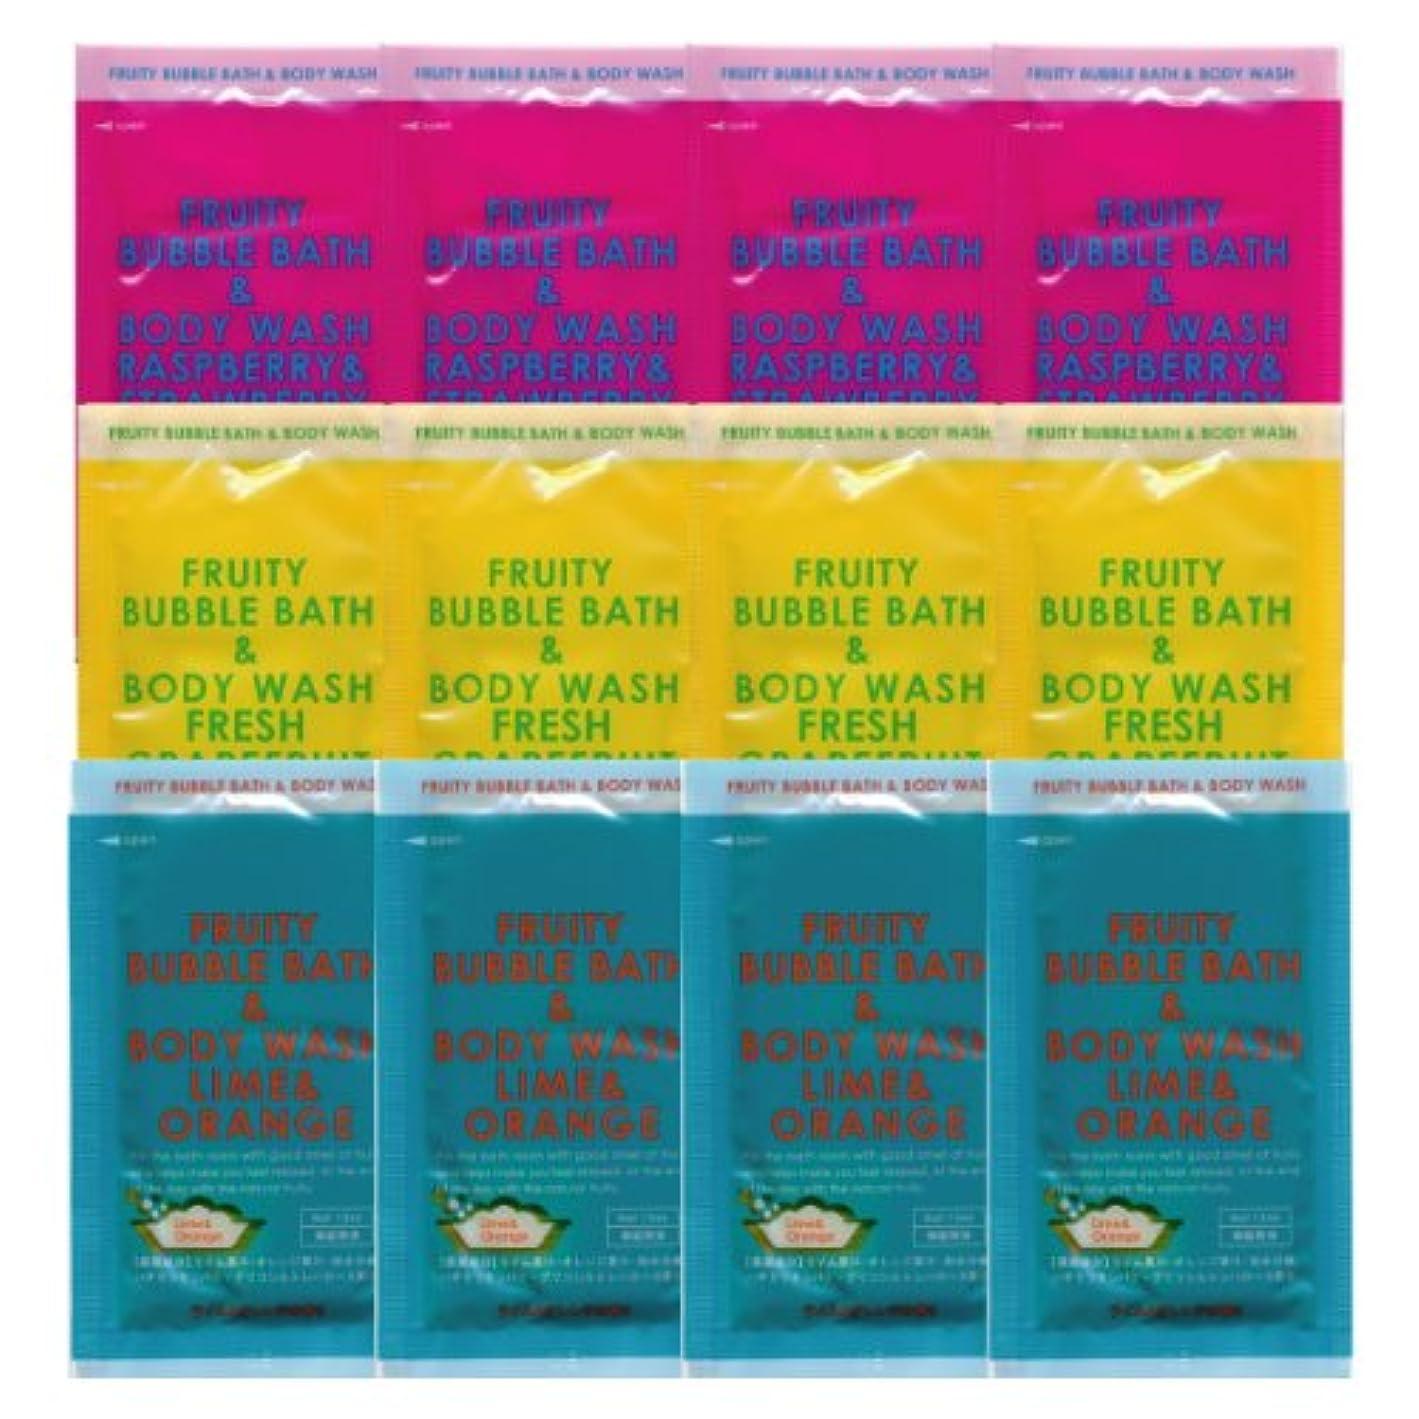 炭水化物ゴミマラソンフルーティーバブルバス&ボディウォッシュ 3種類×4 12個